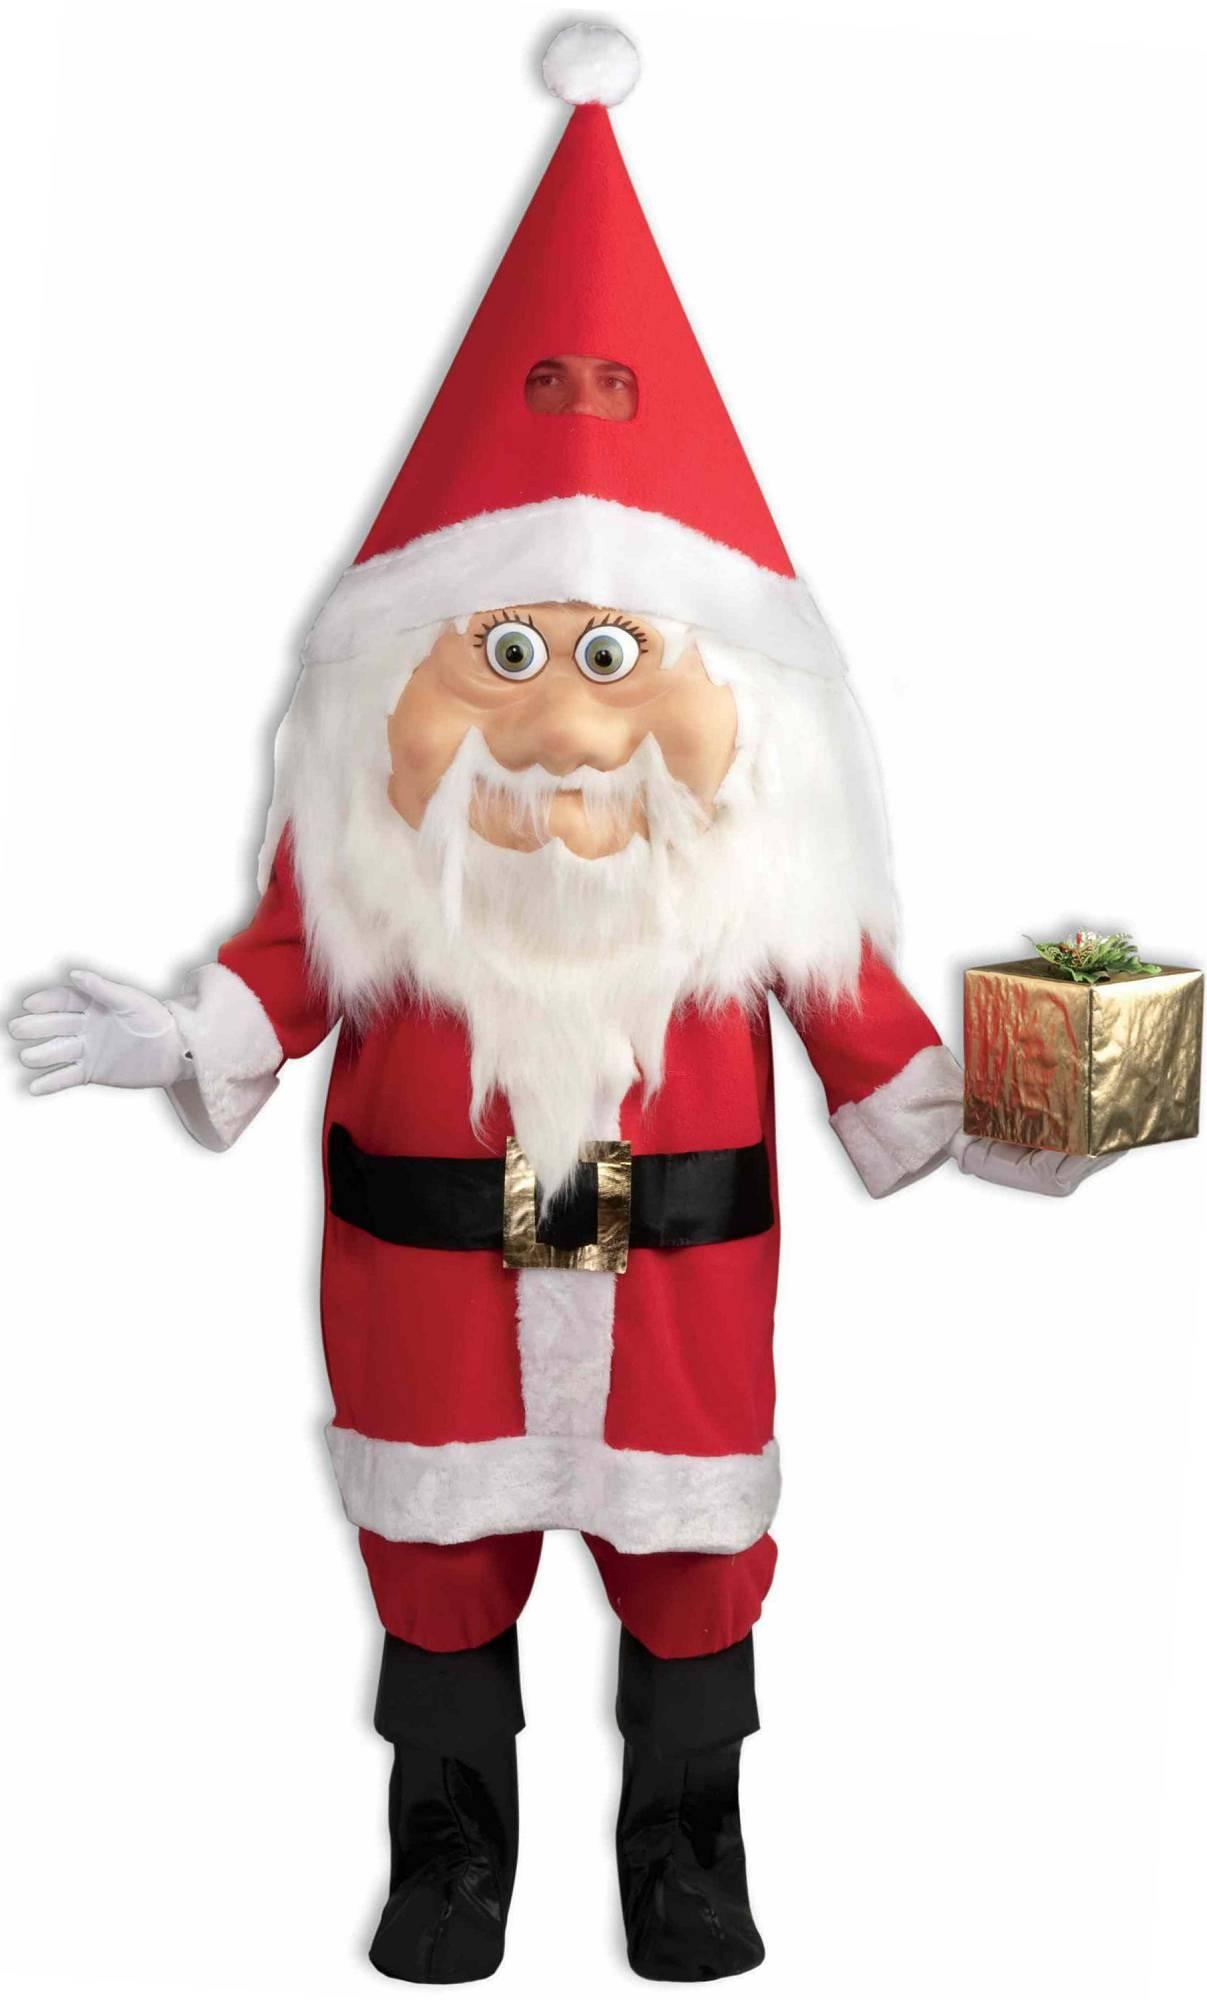 Santa-Claus-parade-mascot